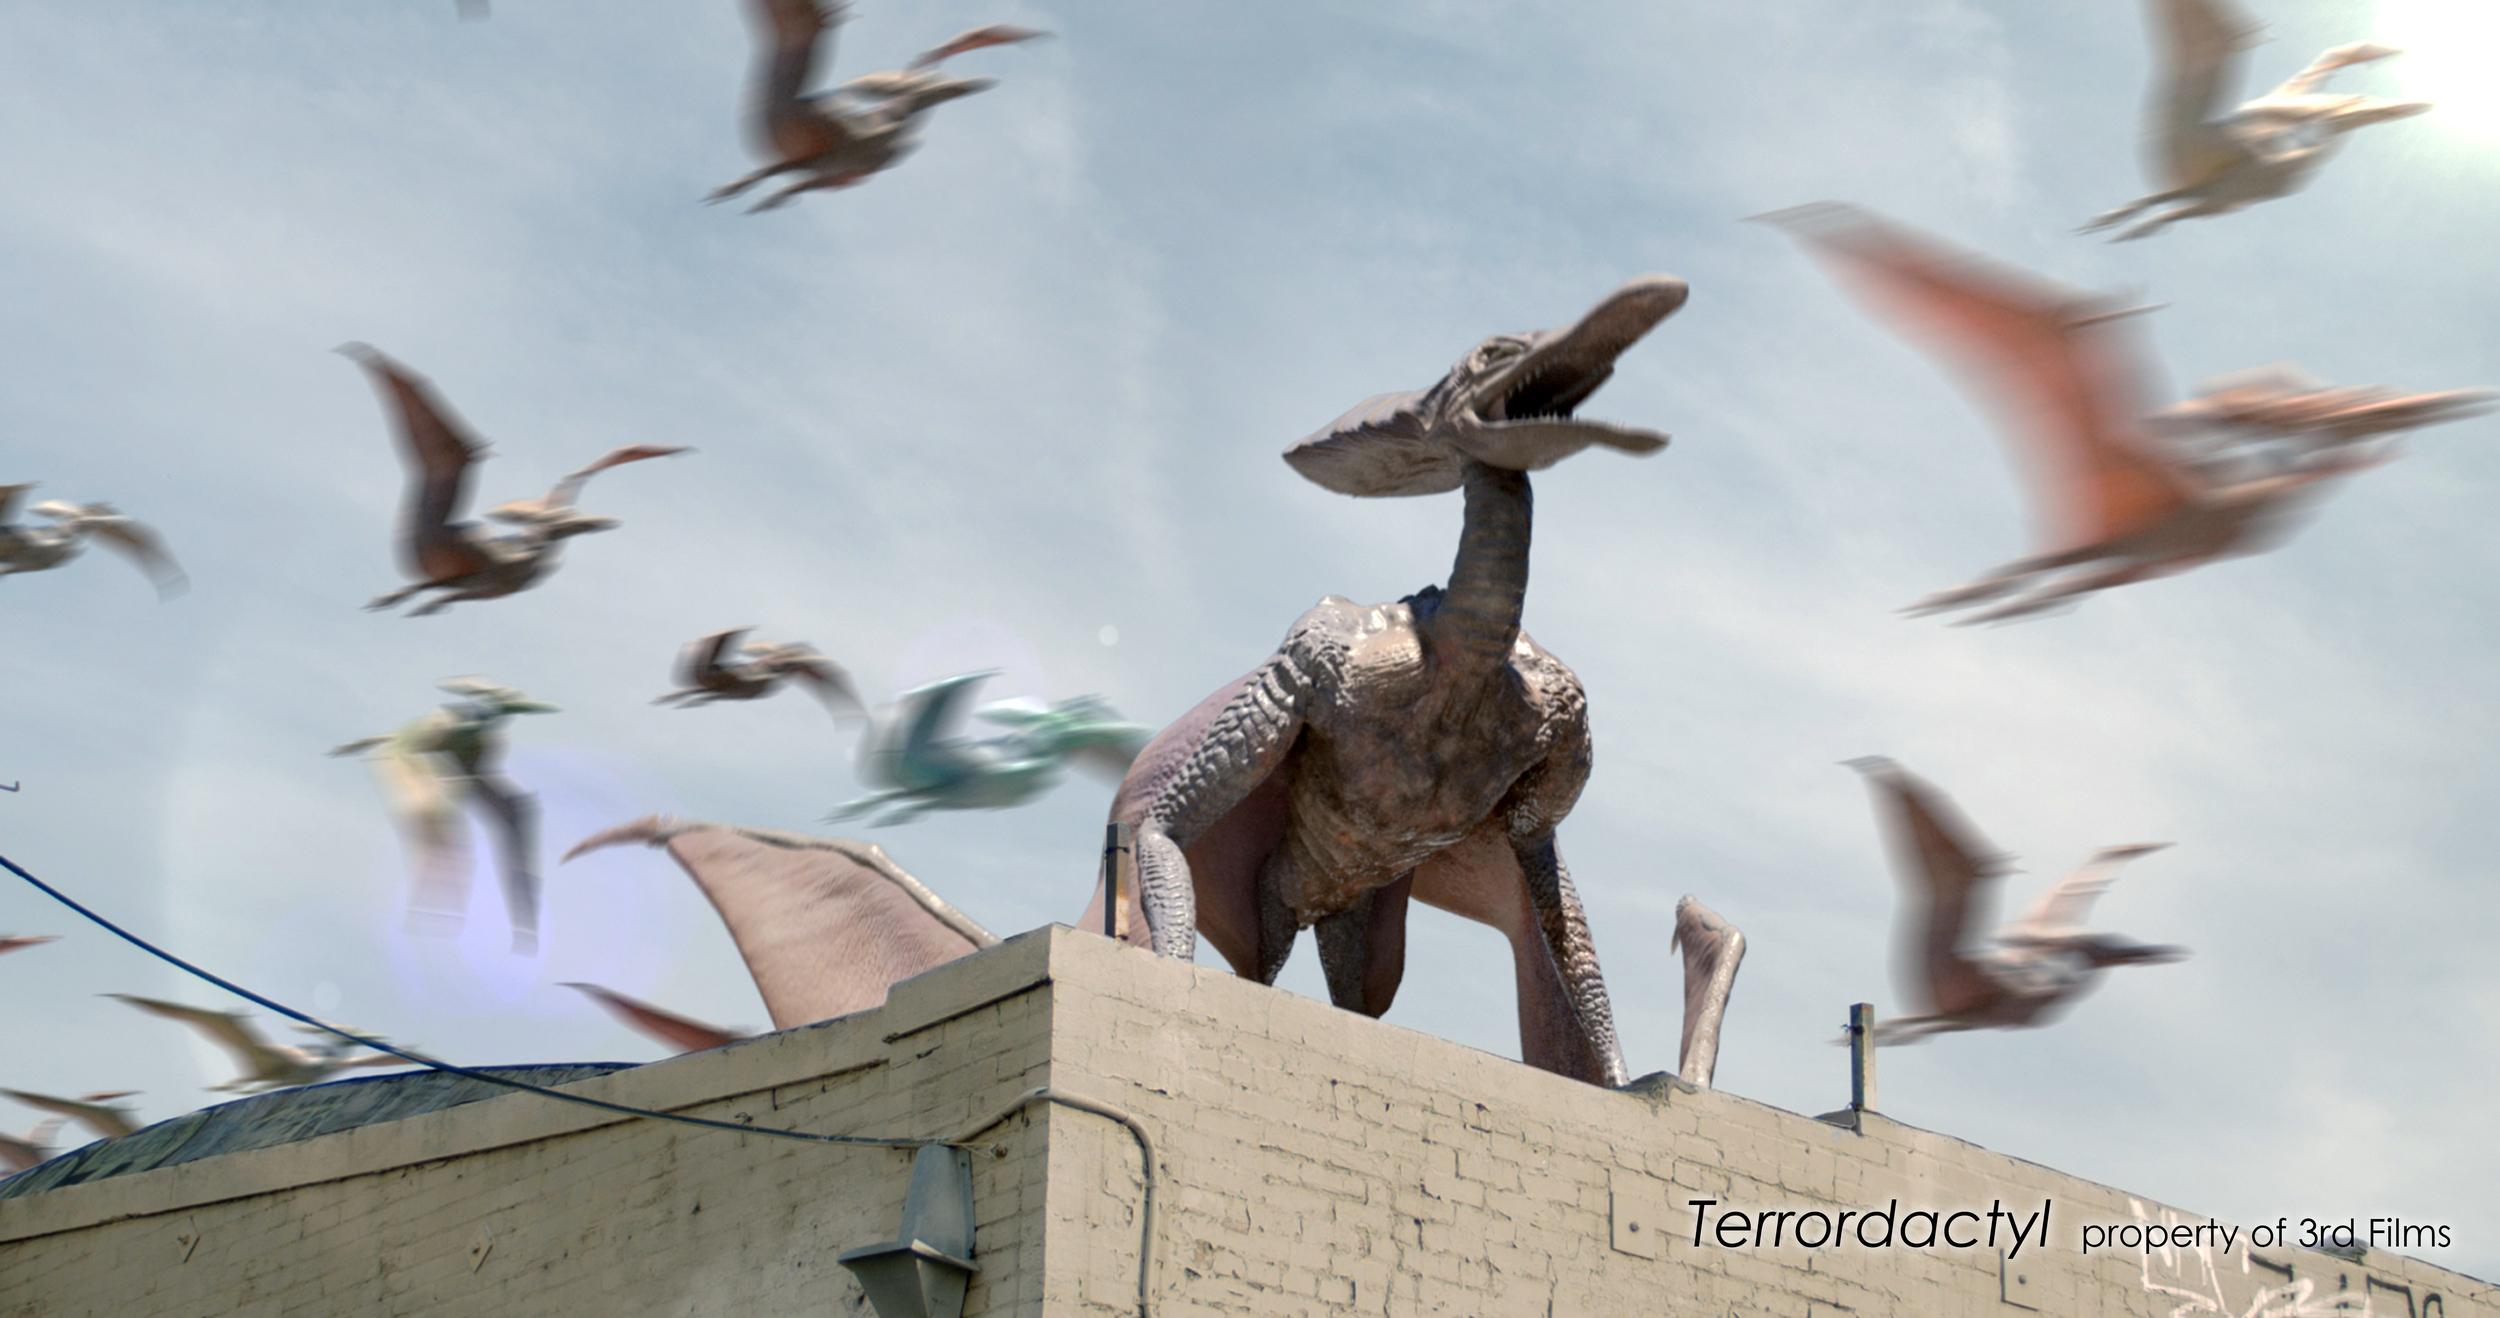 Terrordactyl_ProductionStills_01 copy.jpg